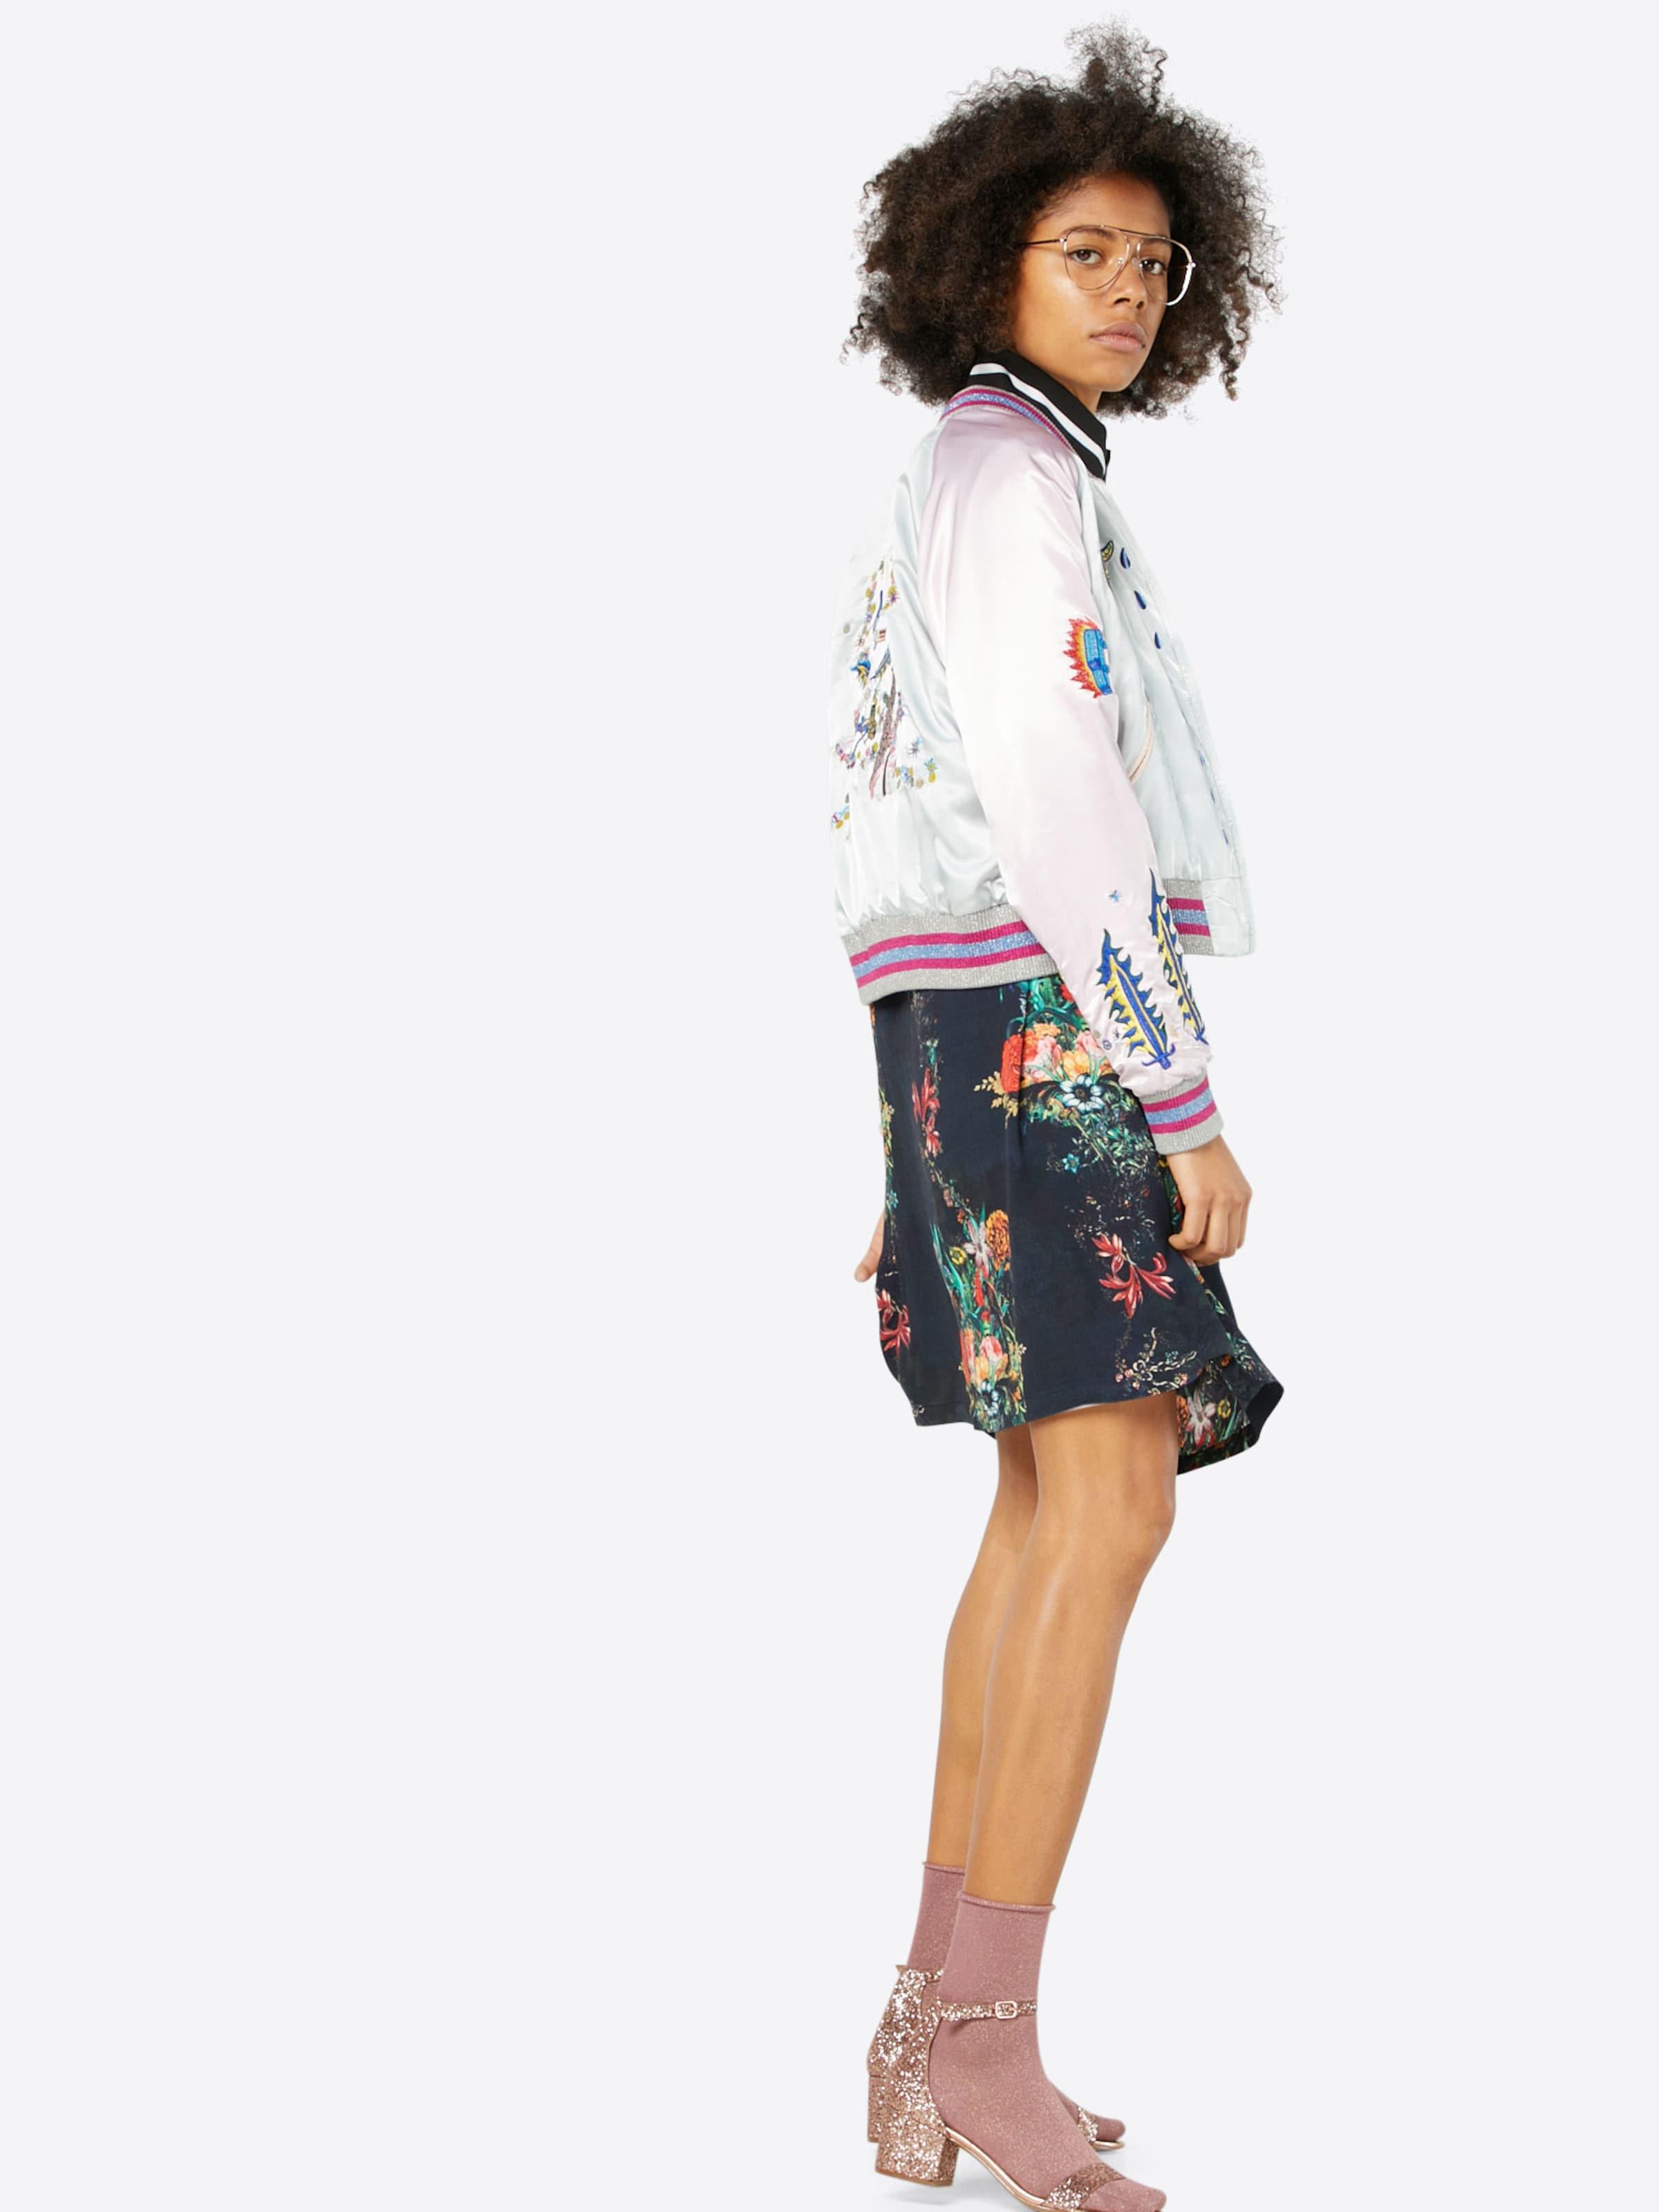 REPLAY 'Dress' Flowers Wo Billige Echte Kaufen Freies Verschiffen Wiki gZzuvFDCE0